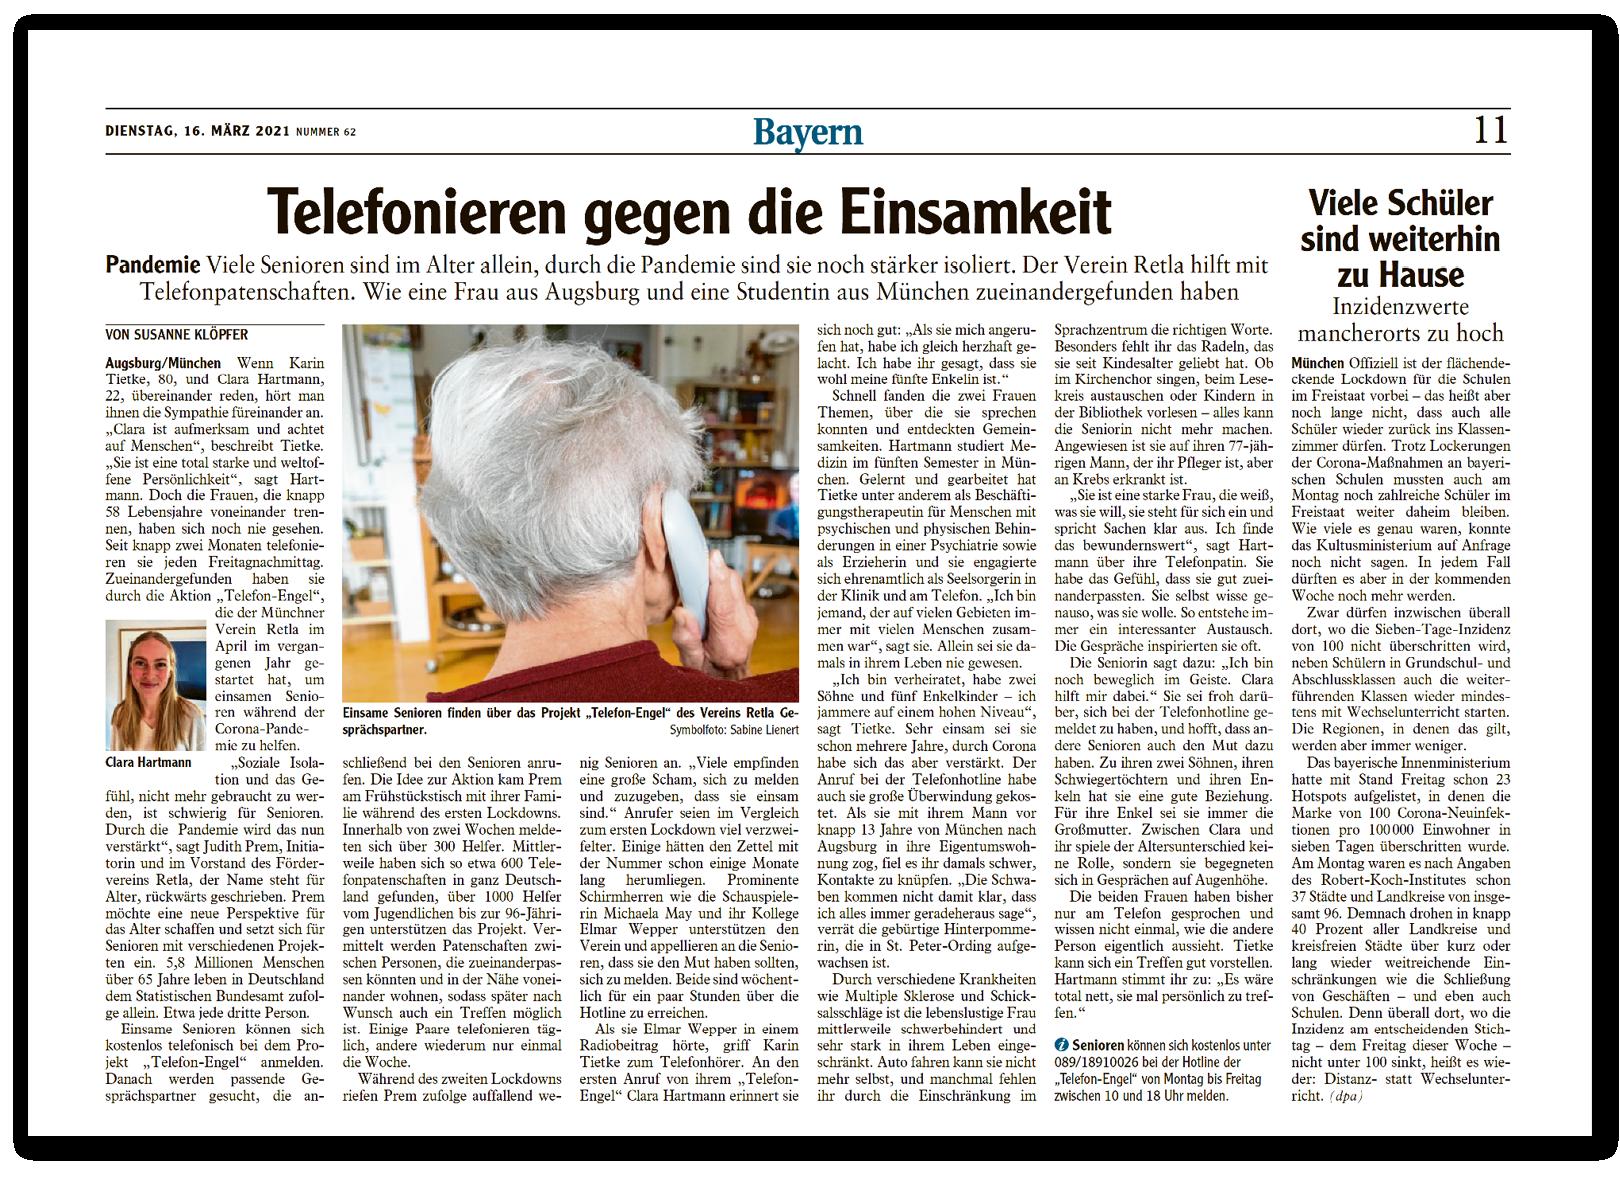 Referenzen_Augsburger Allgemeine 16_03_2021